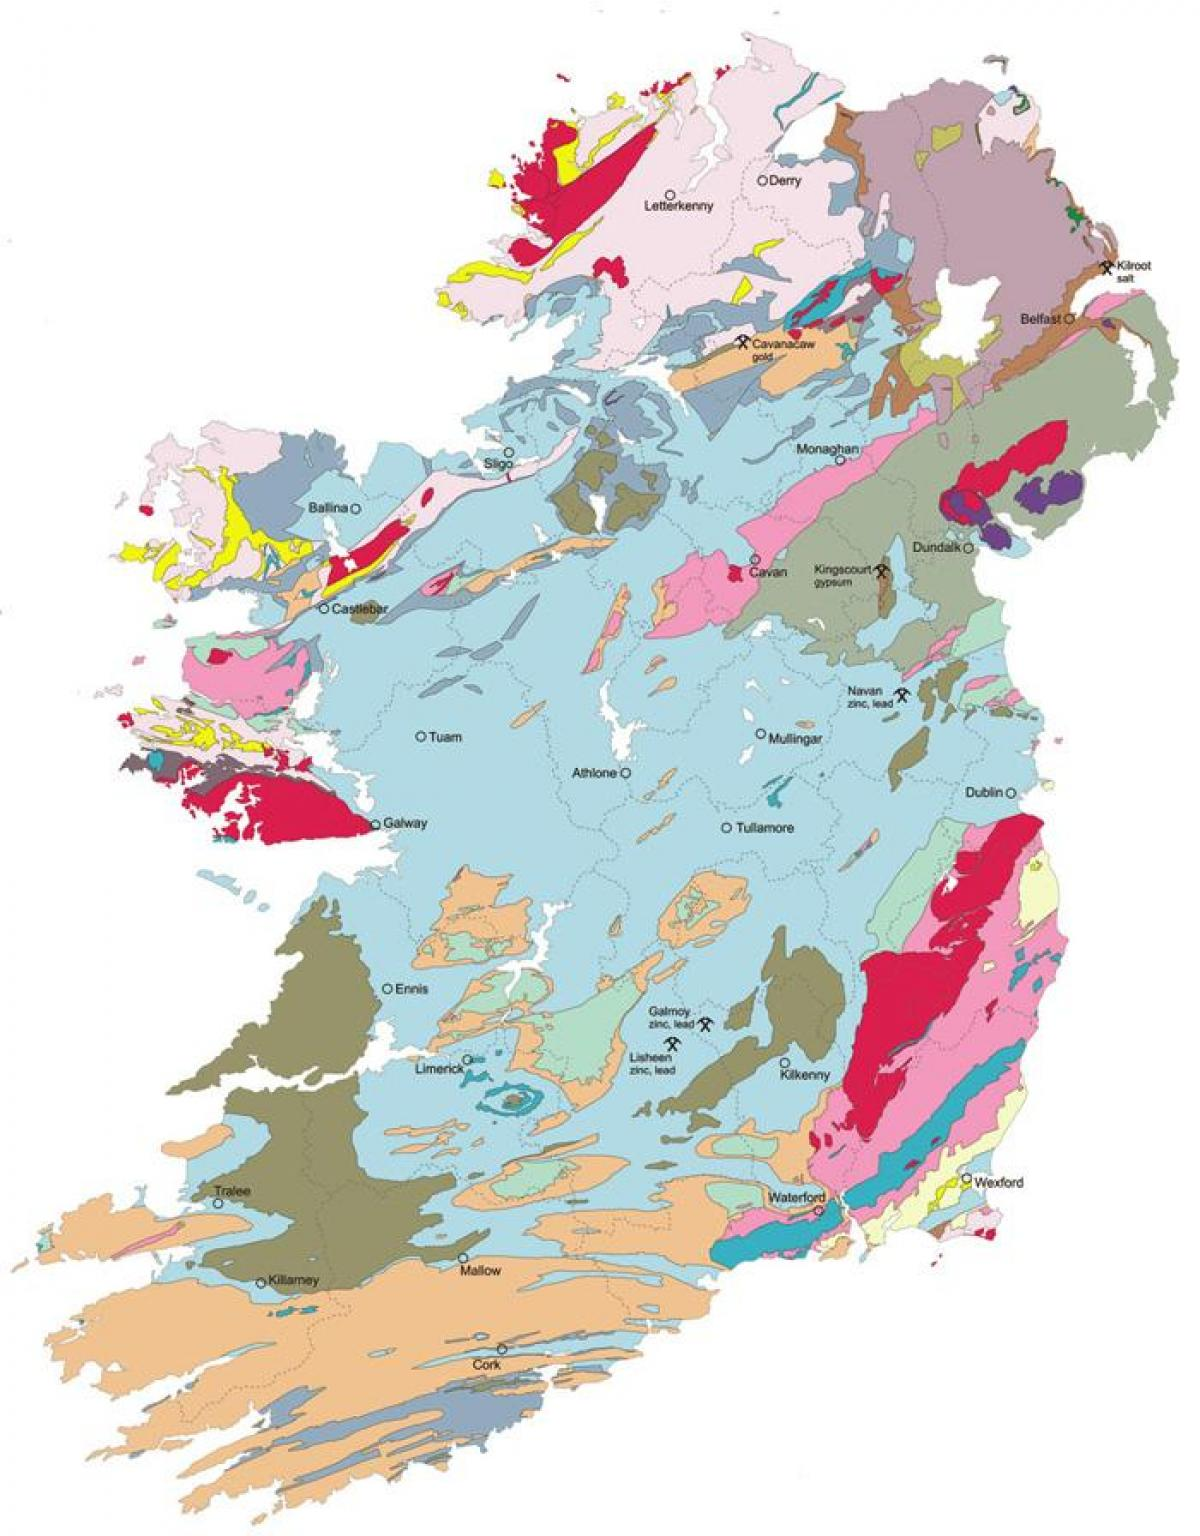 Irland Karte Europa.Geologische Karte Von Irland Karte Der Geologischen Karte Von